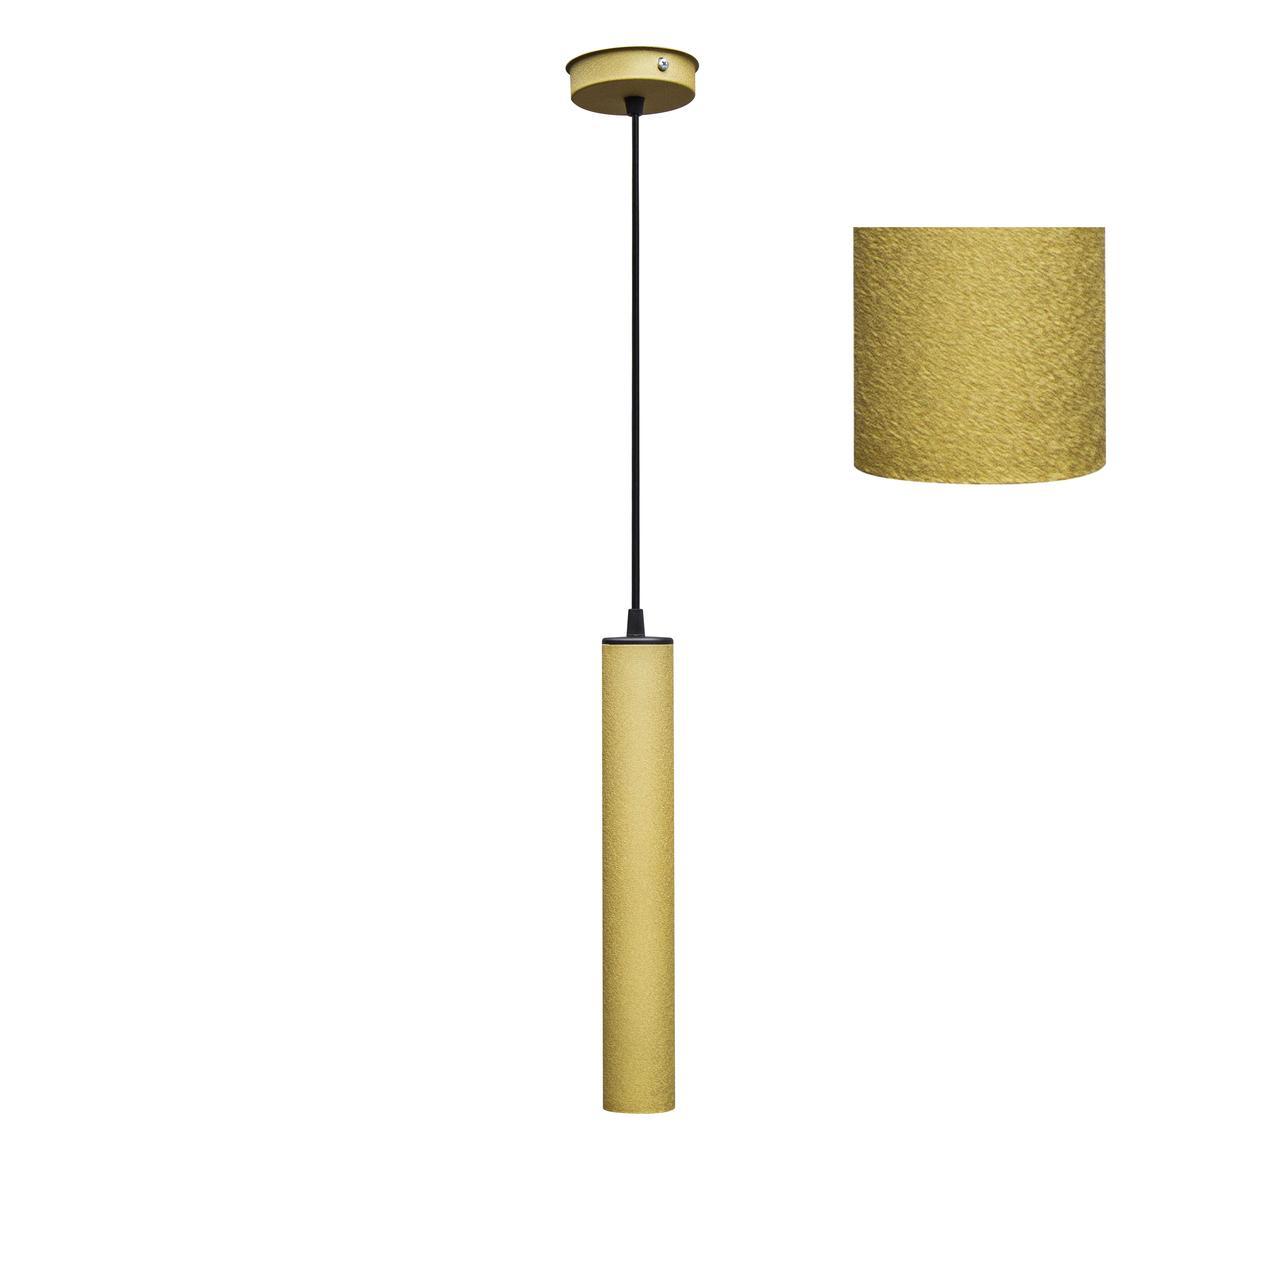 Светильник подвесной в стиле лофт  Трубка  MR 3522 GD